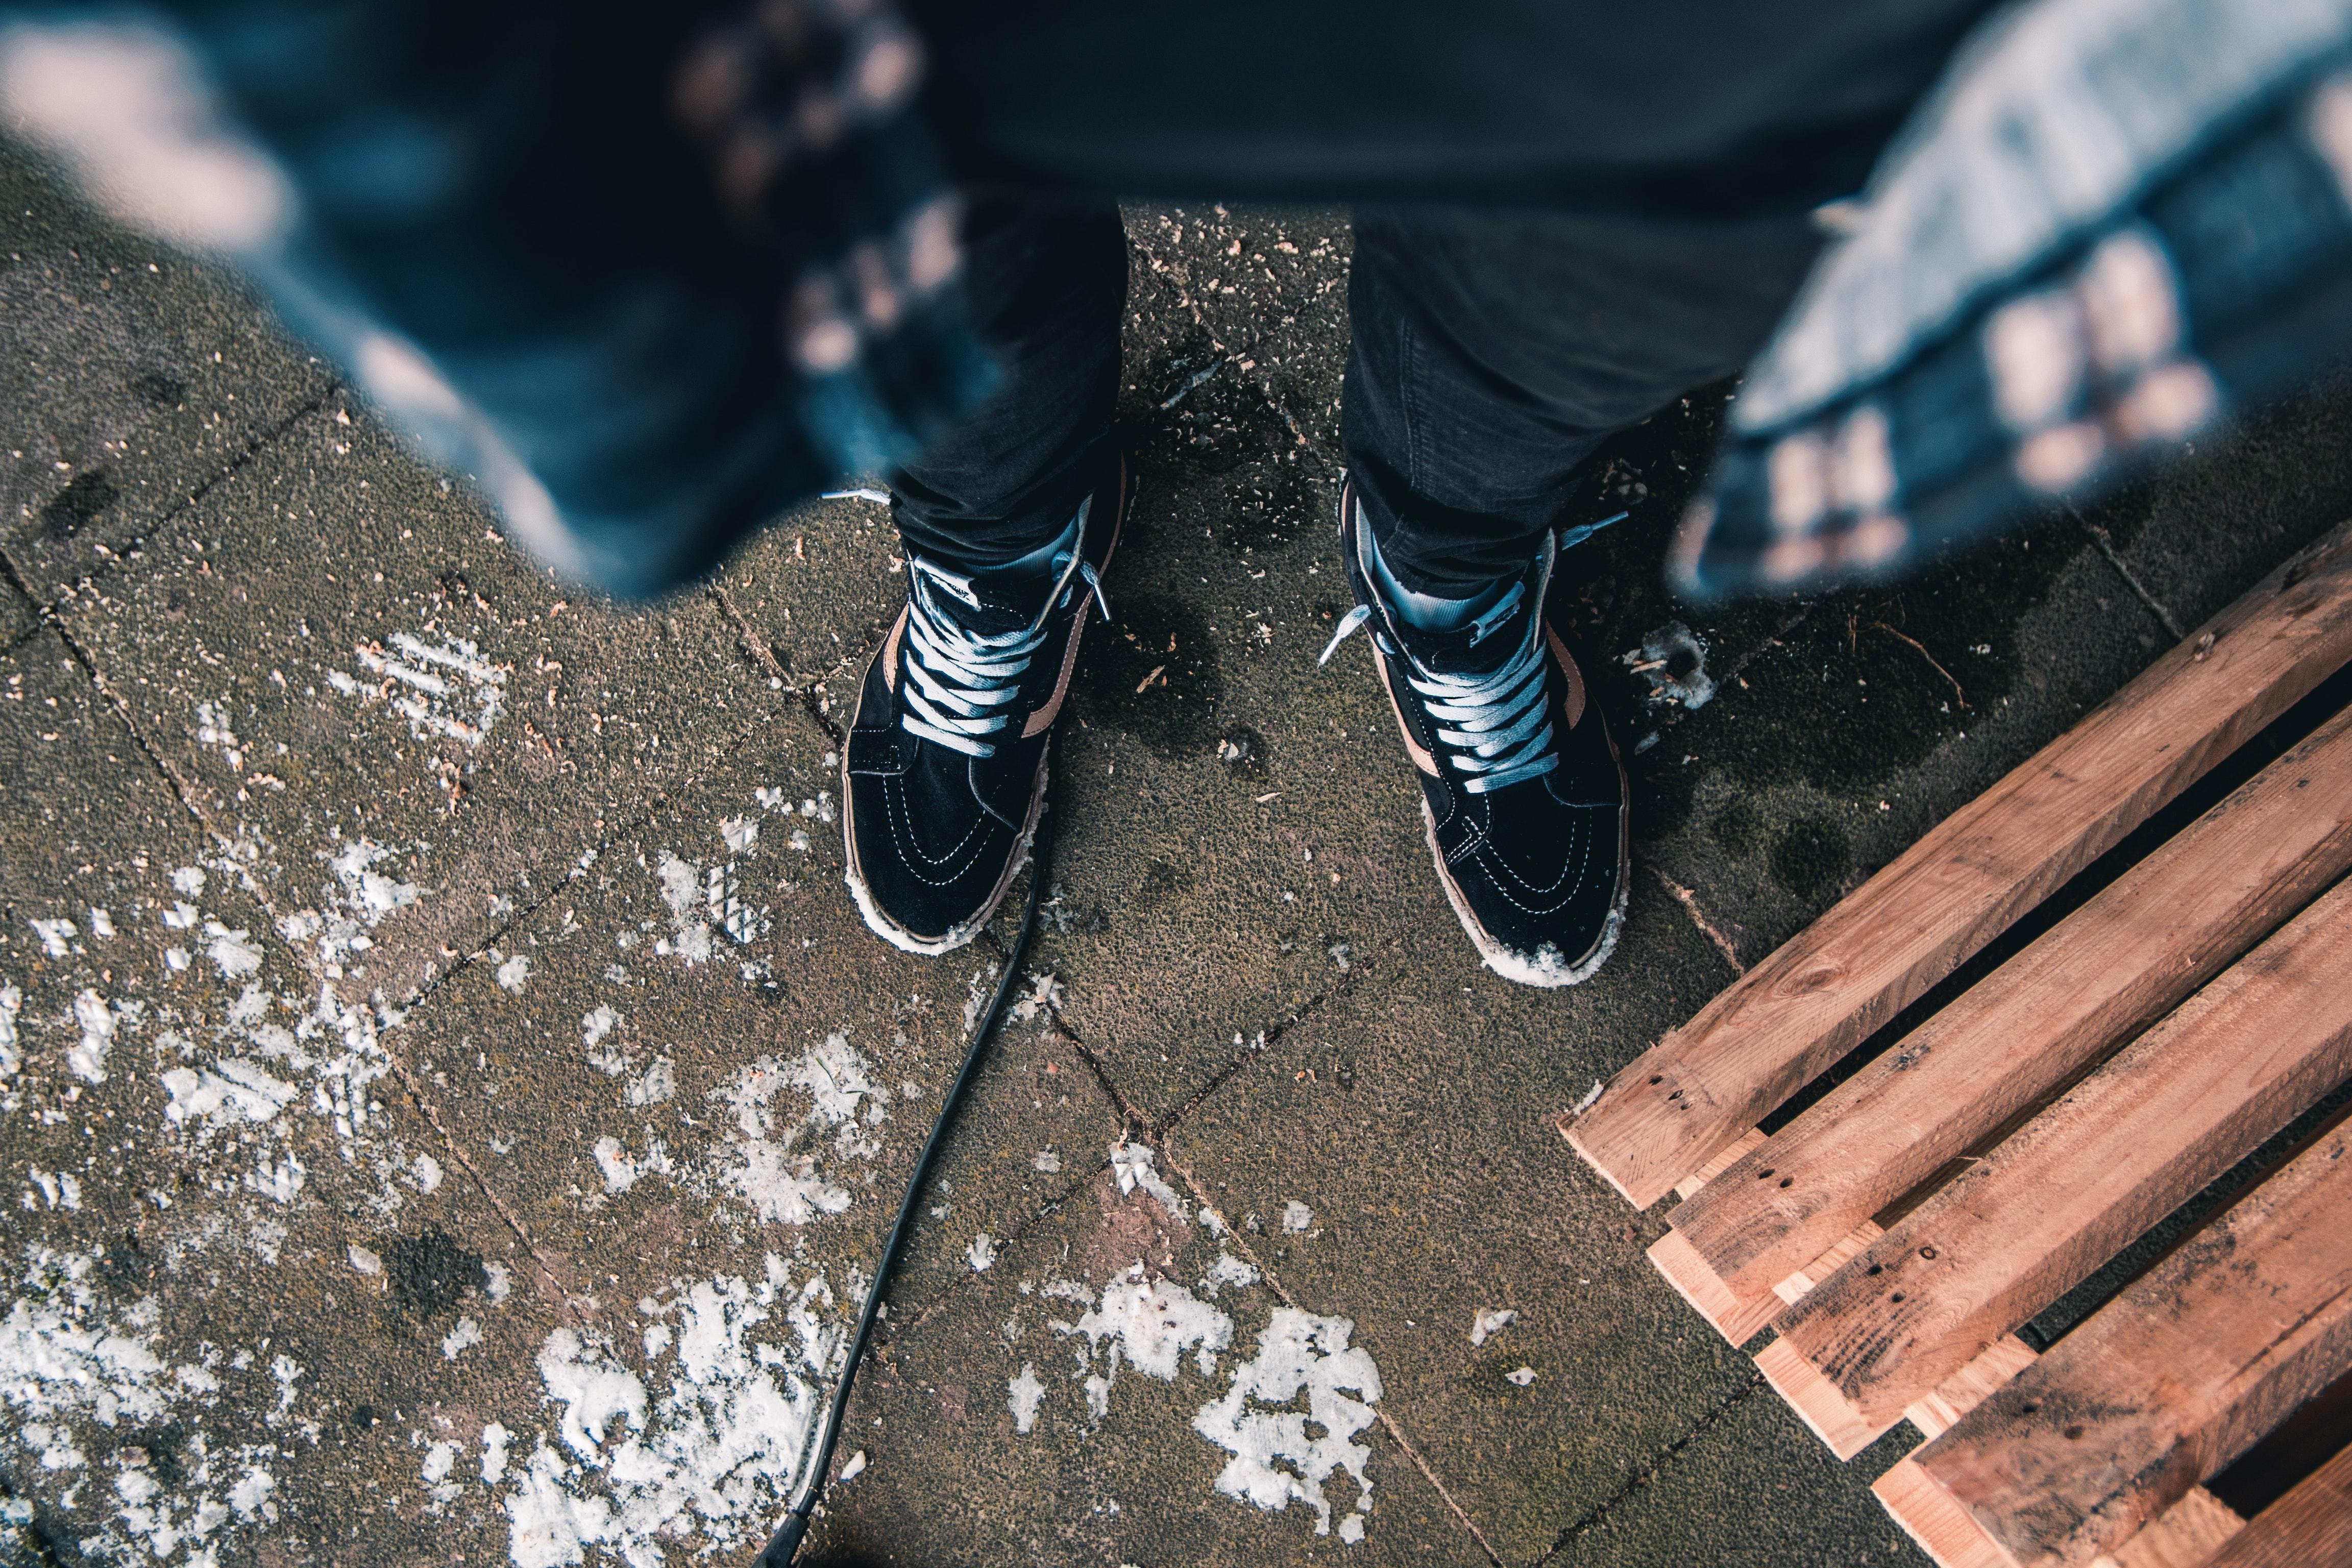 Man in black jeans wearing pair of vans old skool sk8-hi photo